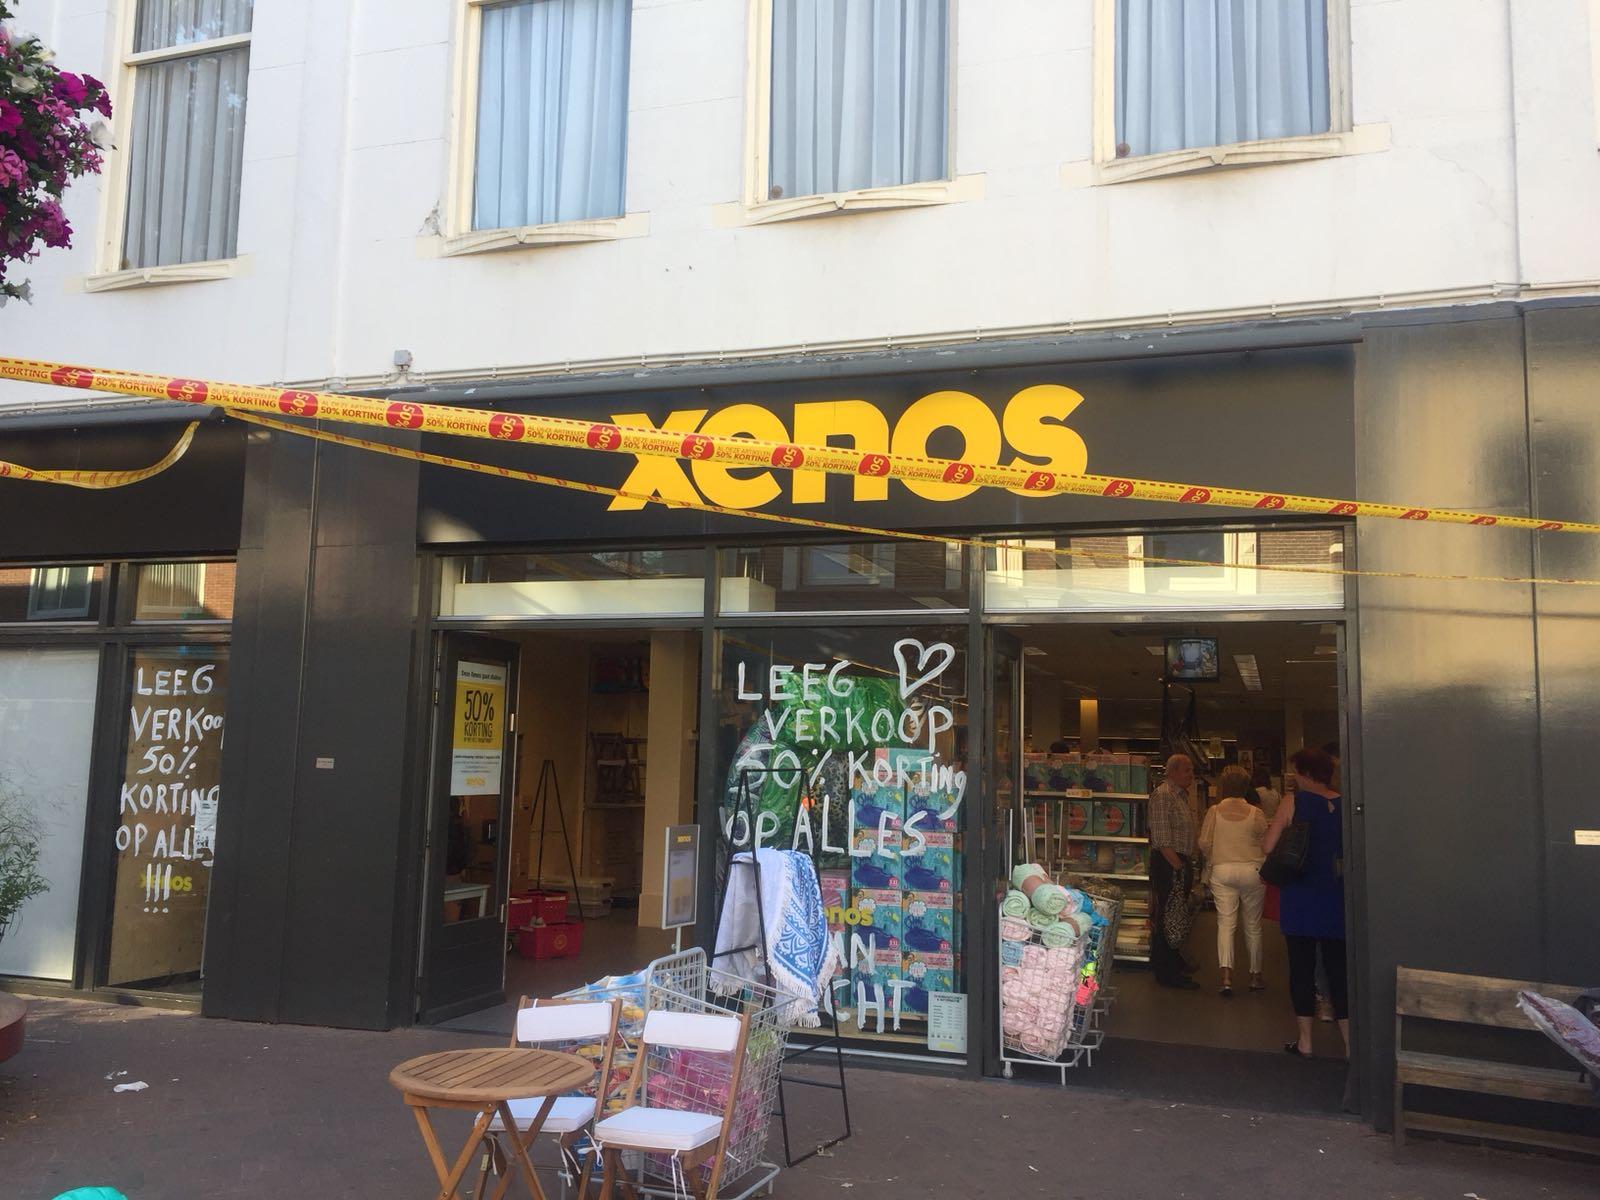 50% korting bij de Xenos in Apeldoorn